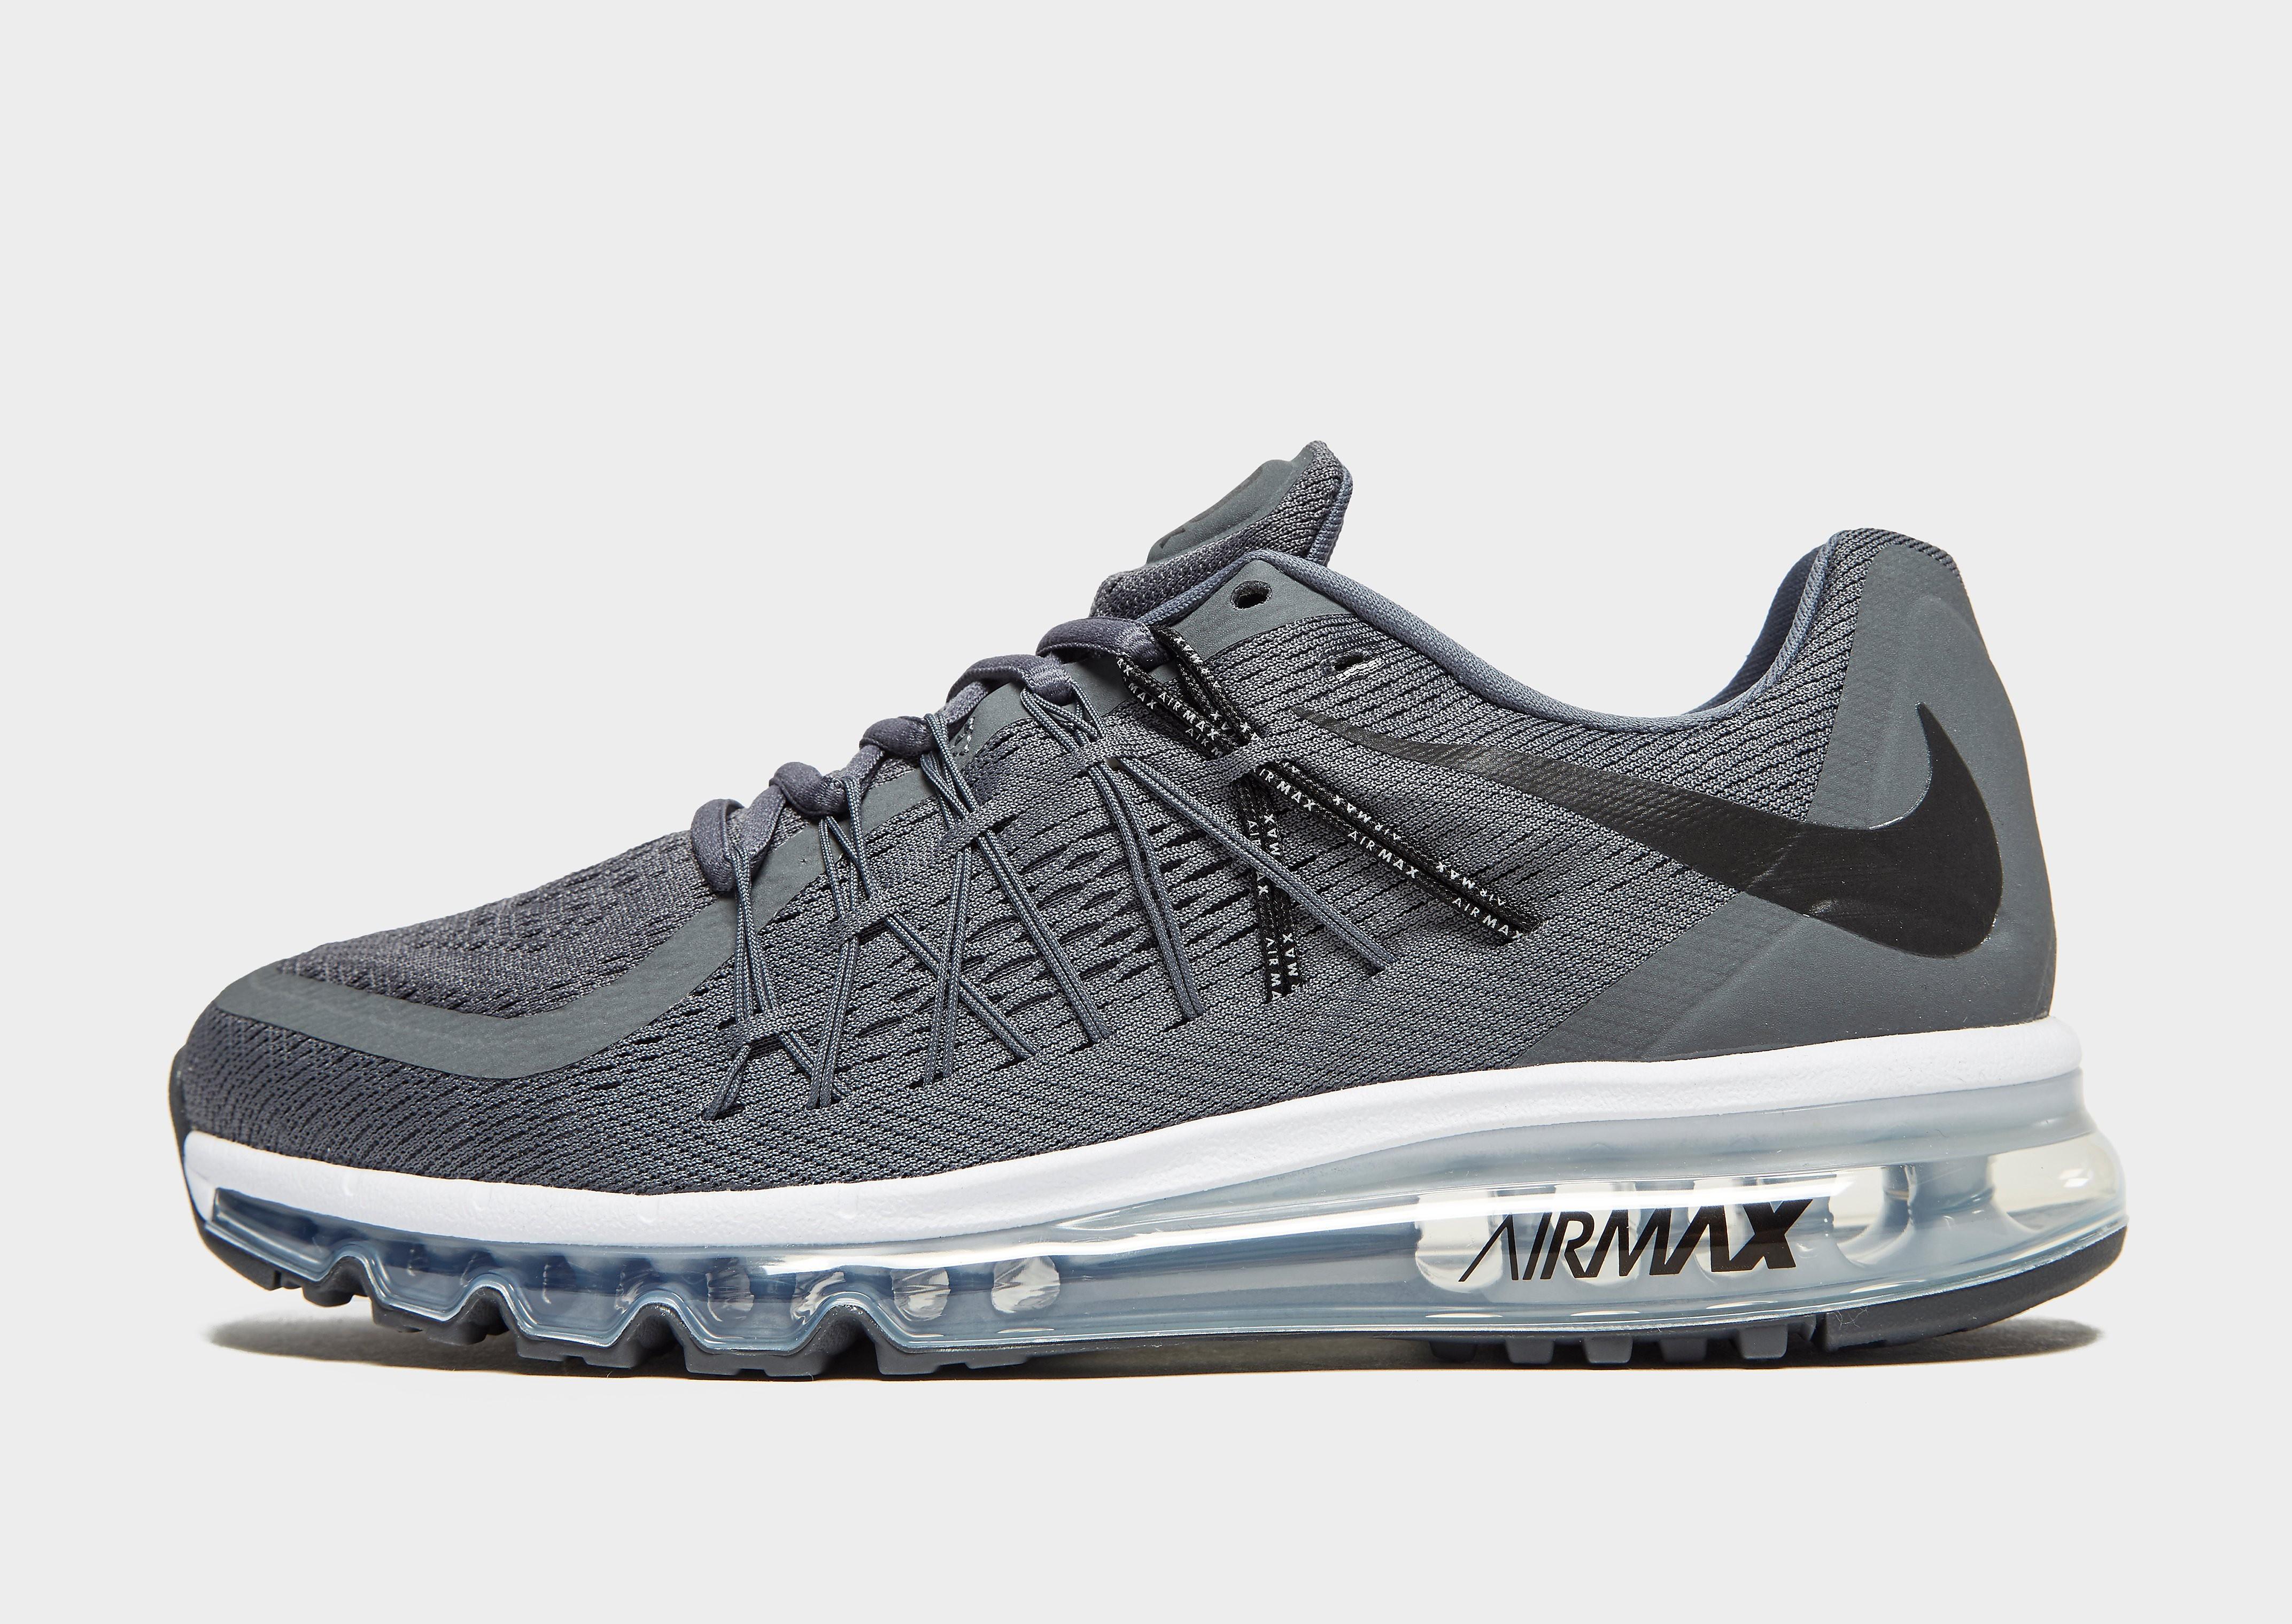 5836ac2c825 Nike Air Max 2015 Alleen Bij Jd Grijs Heren nike kopen in de aanbieding